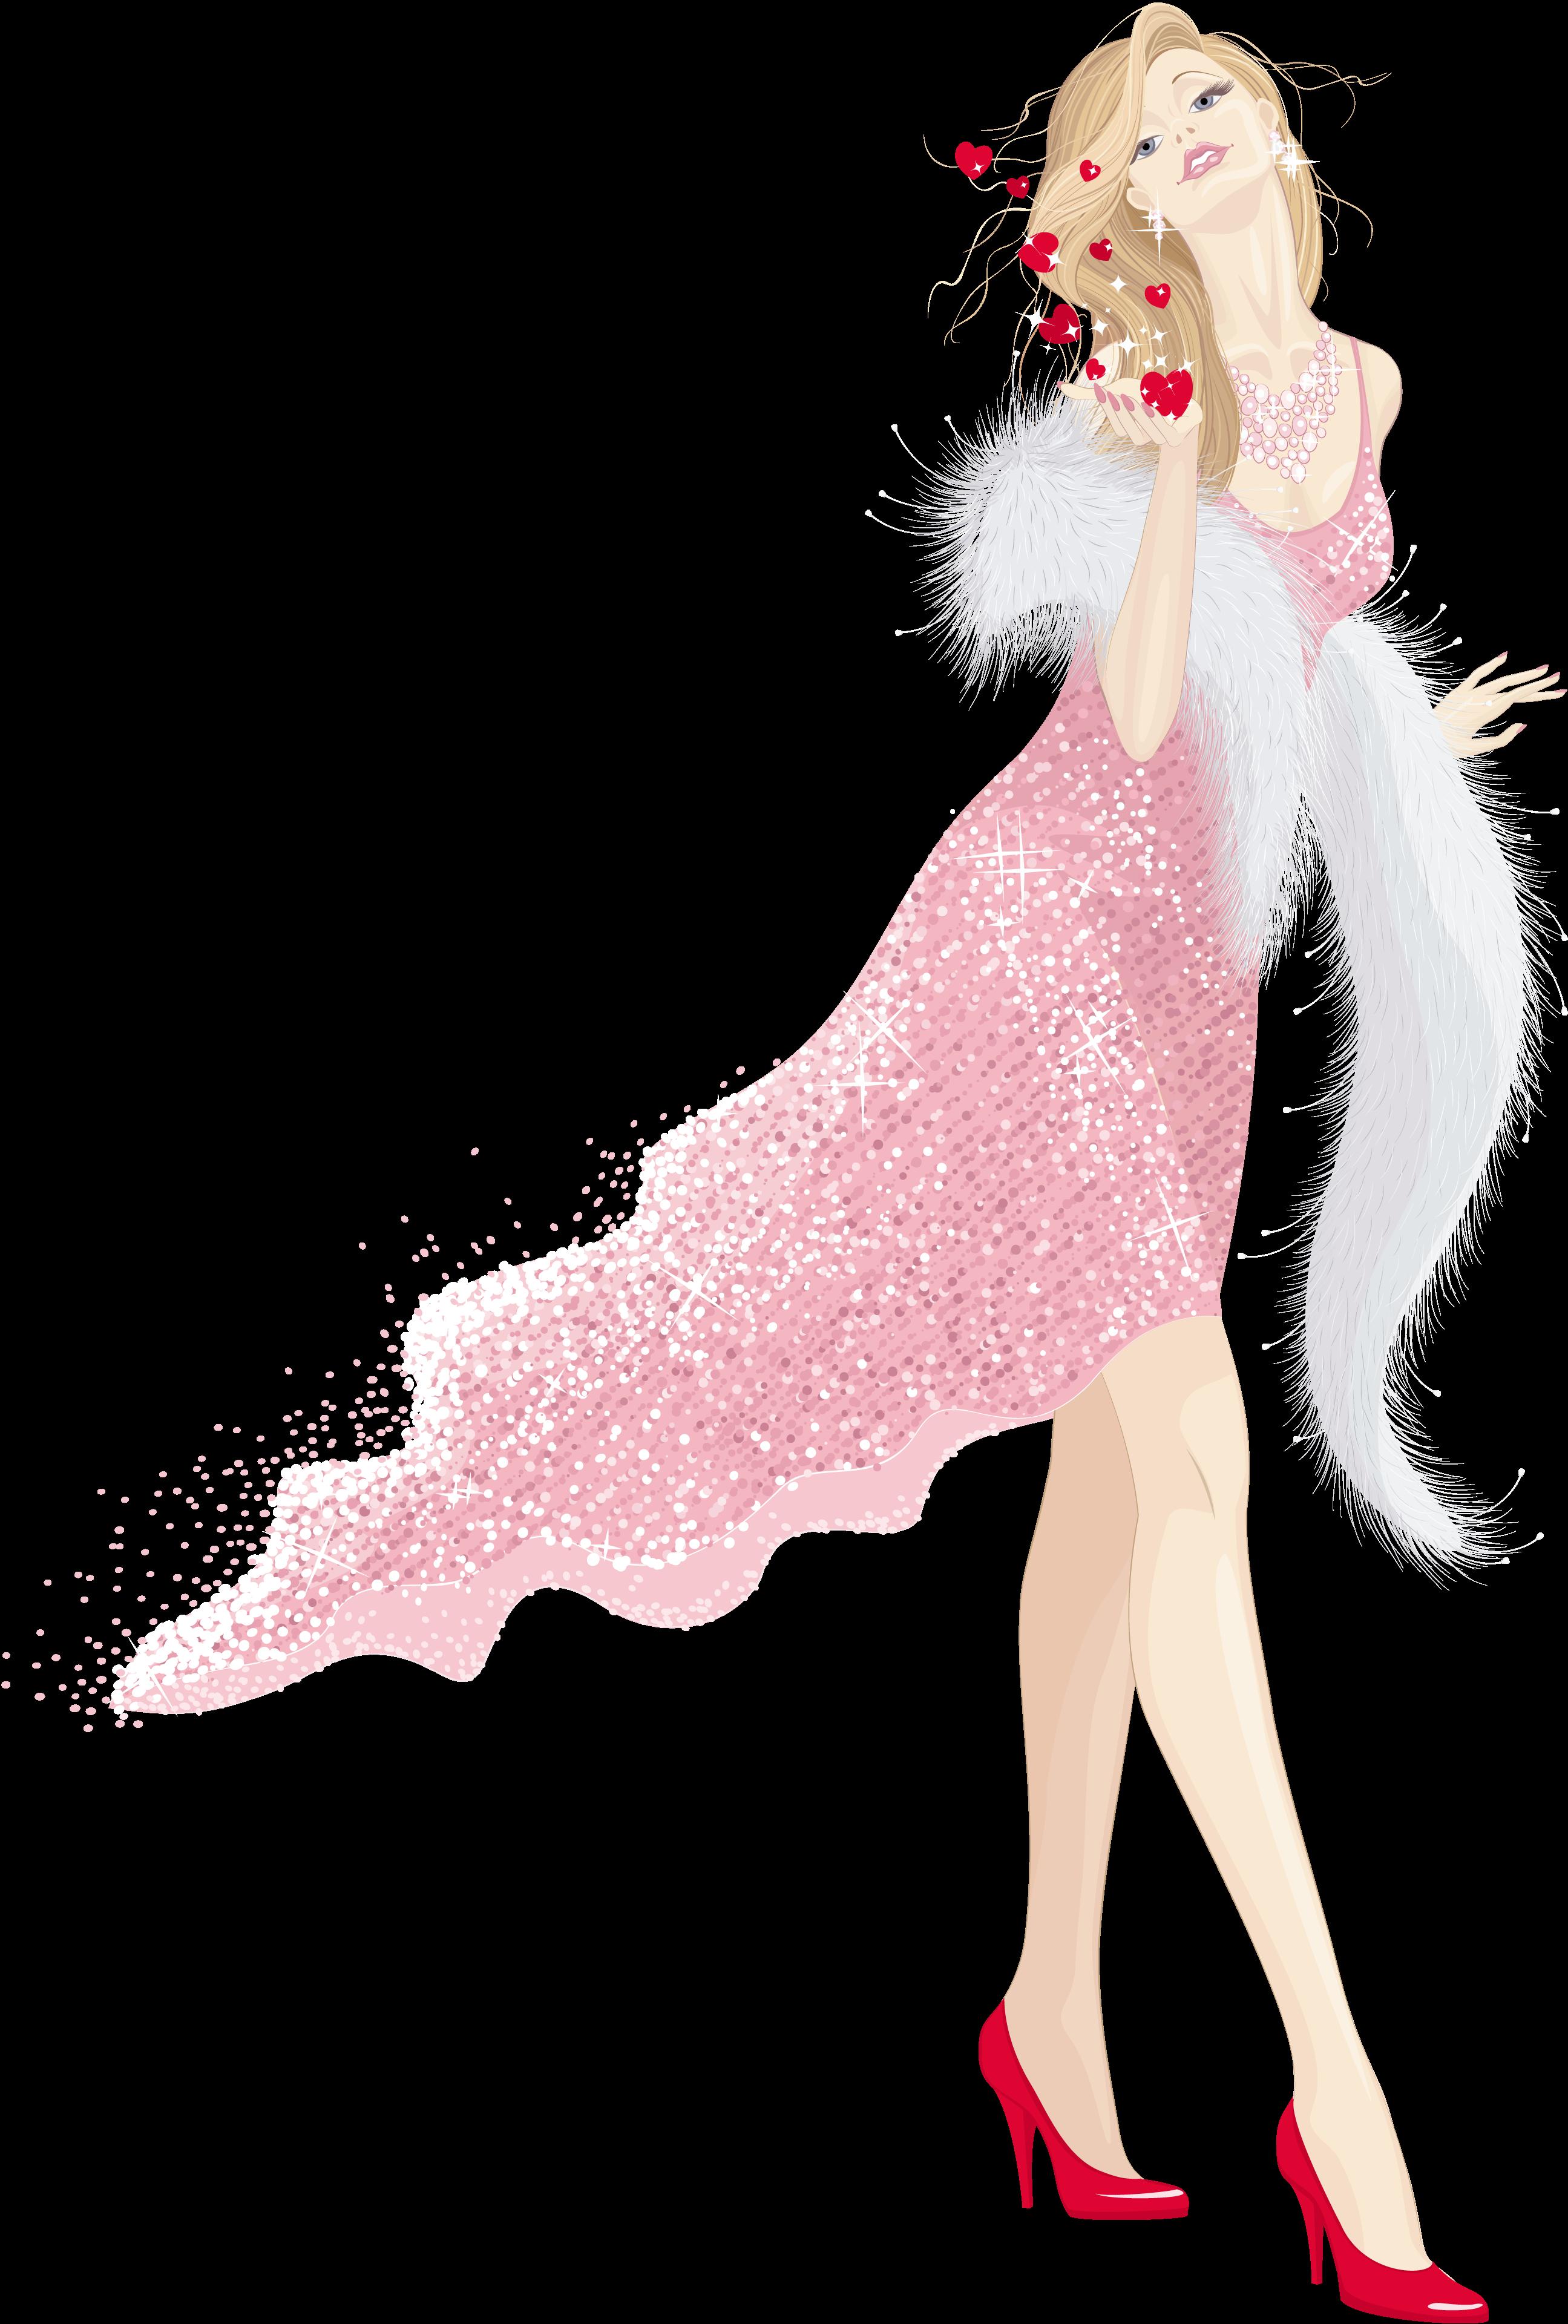 美しい女性 画像 女性 女の人 外国人女性 Fashion Art Illustration Fashion Illustration Sketches Pop Art Fashion